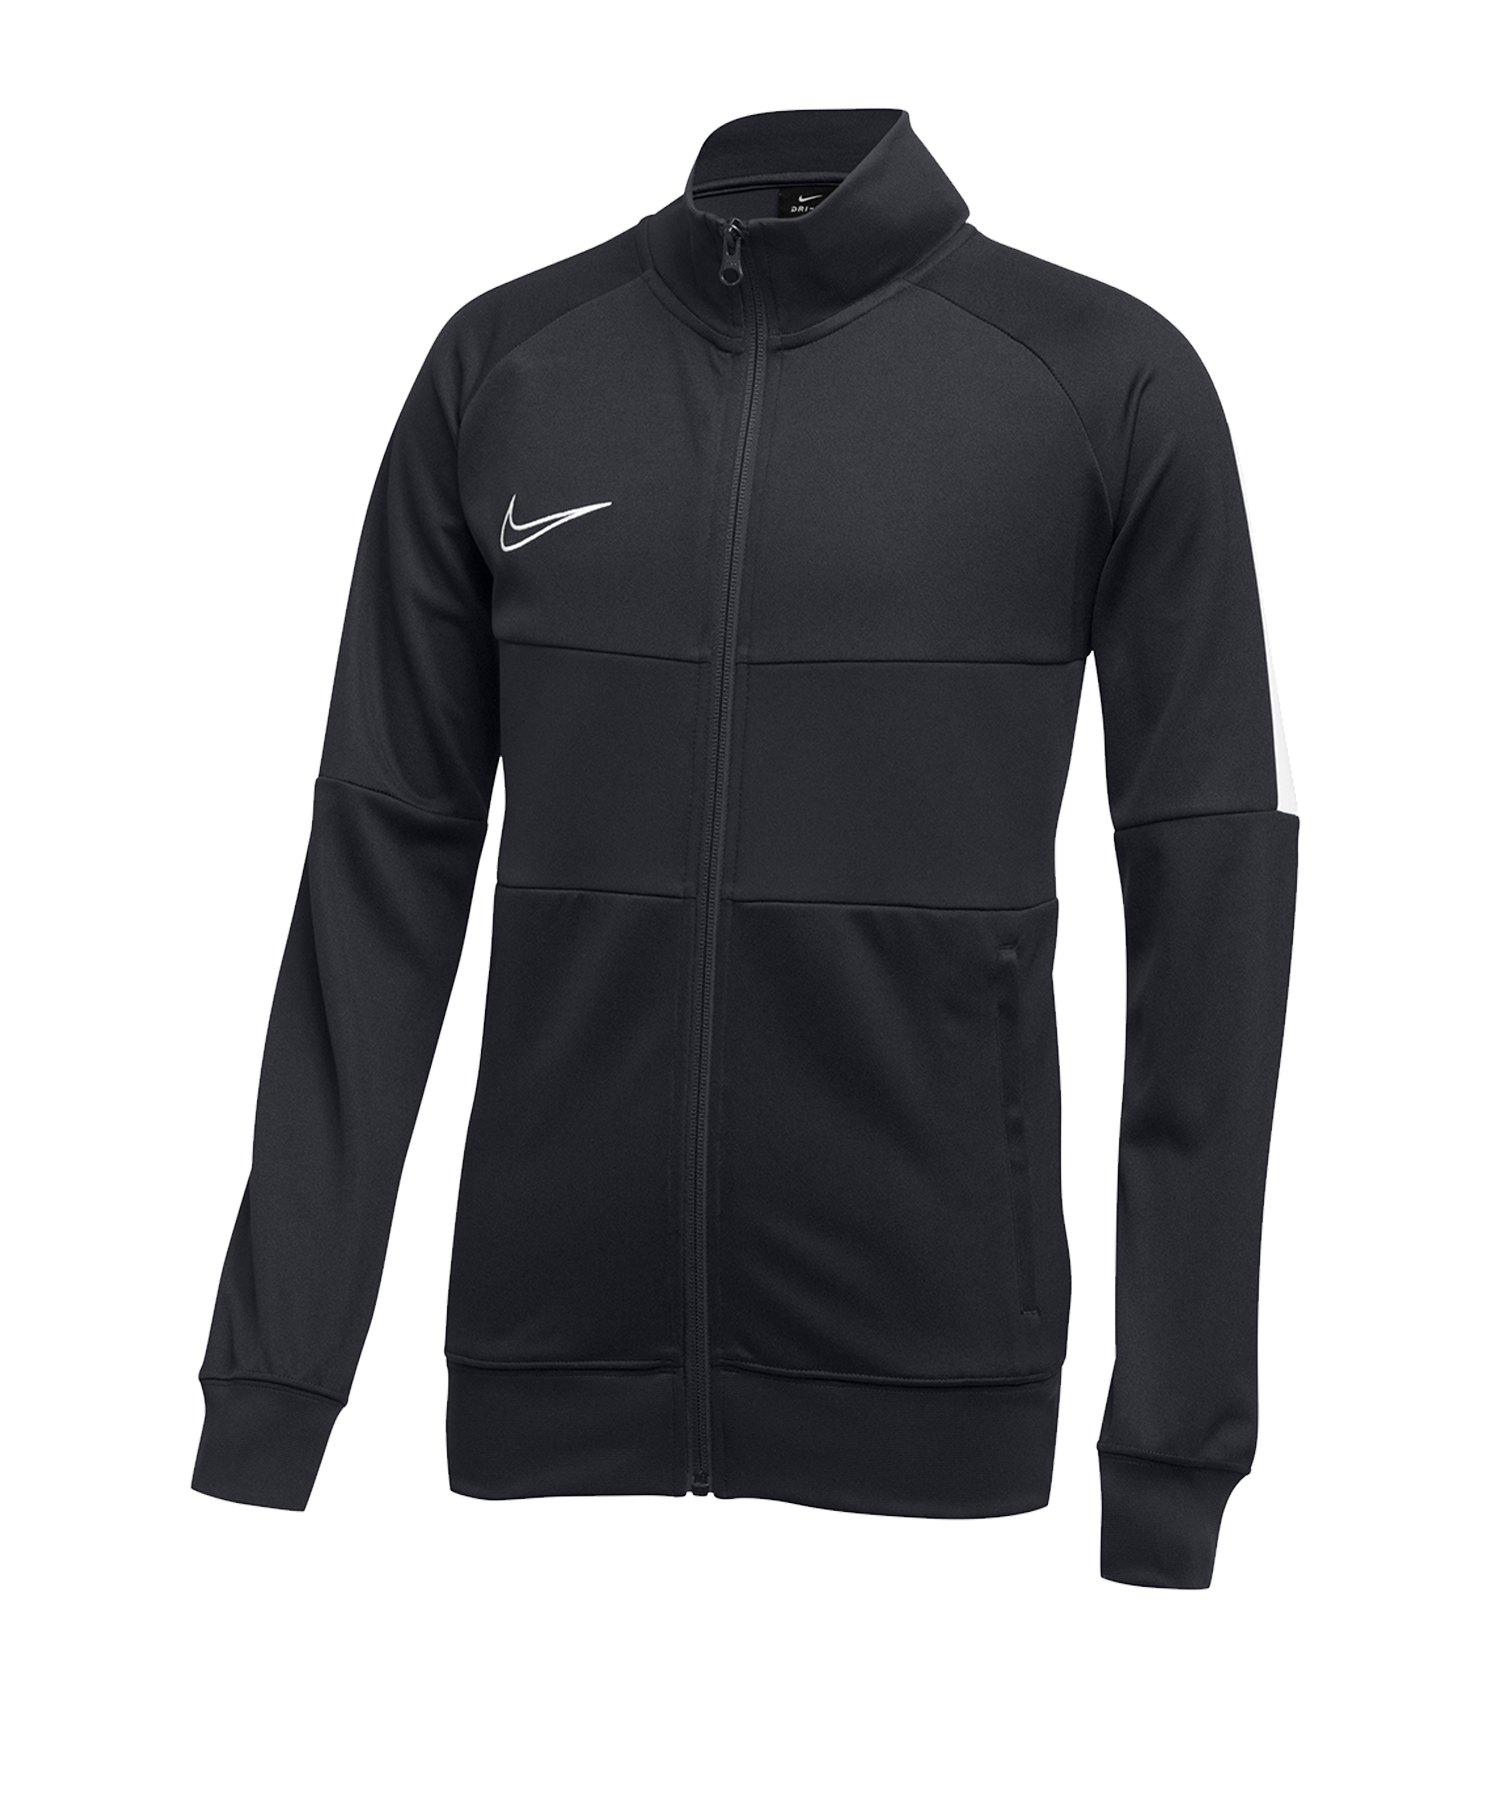 Nike Academy 19 Dri-FIT Jacke Kids Grau Weiss F060 - grau